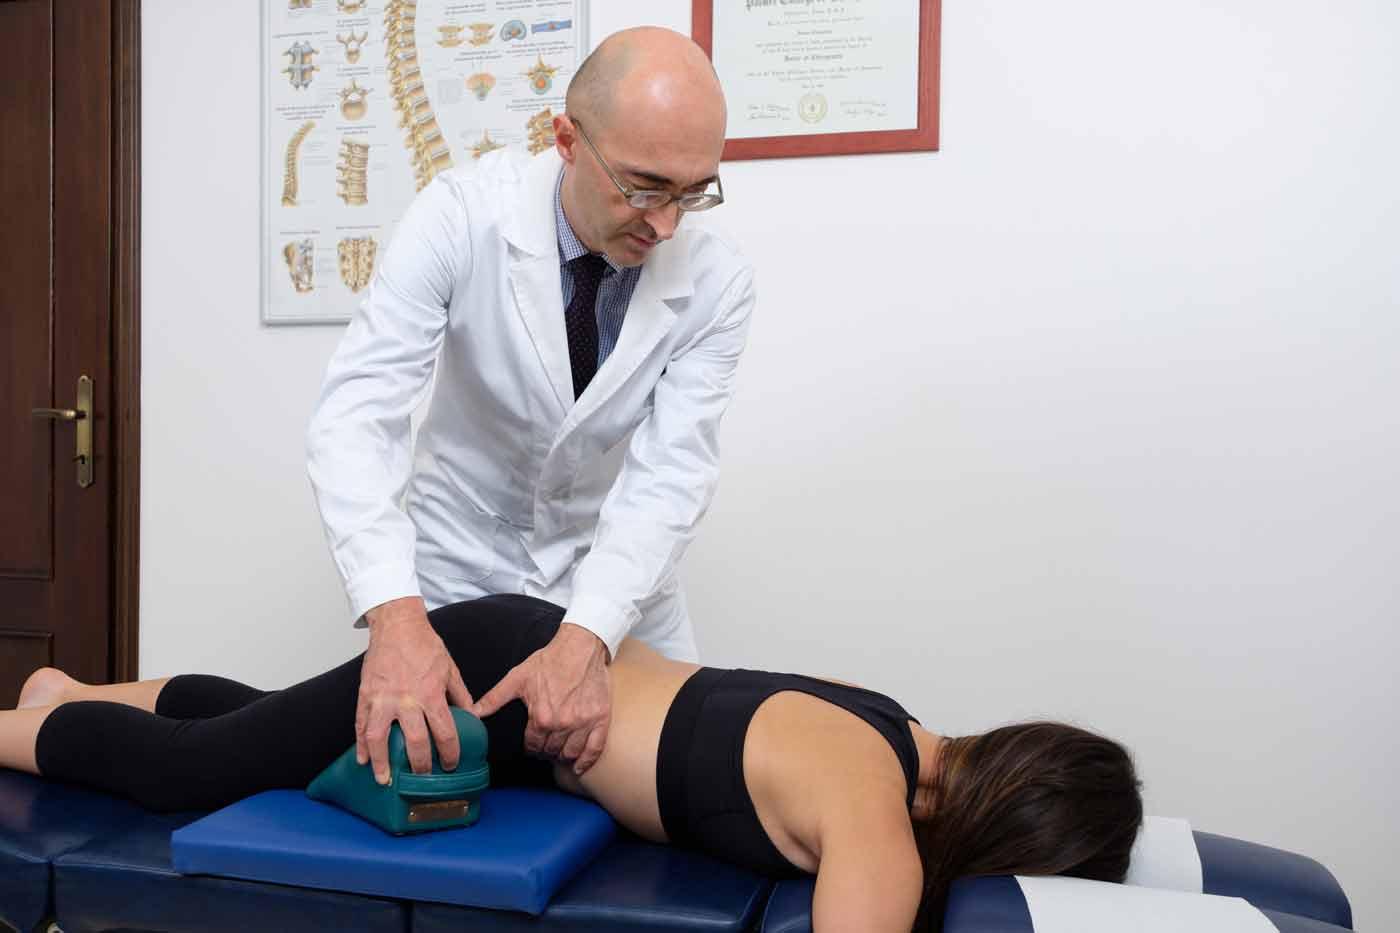 Trattamento con chiropractic corrective blocks